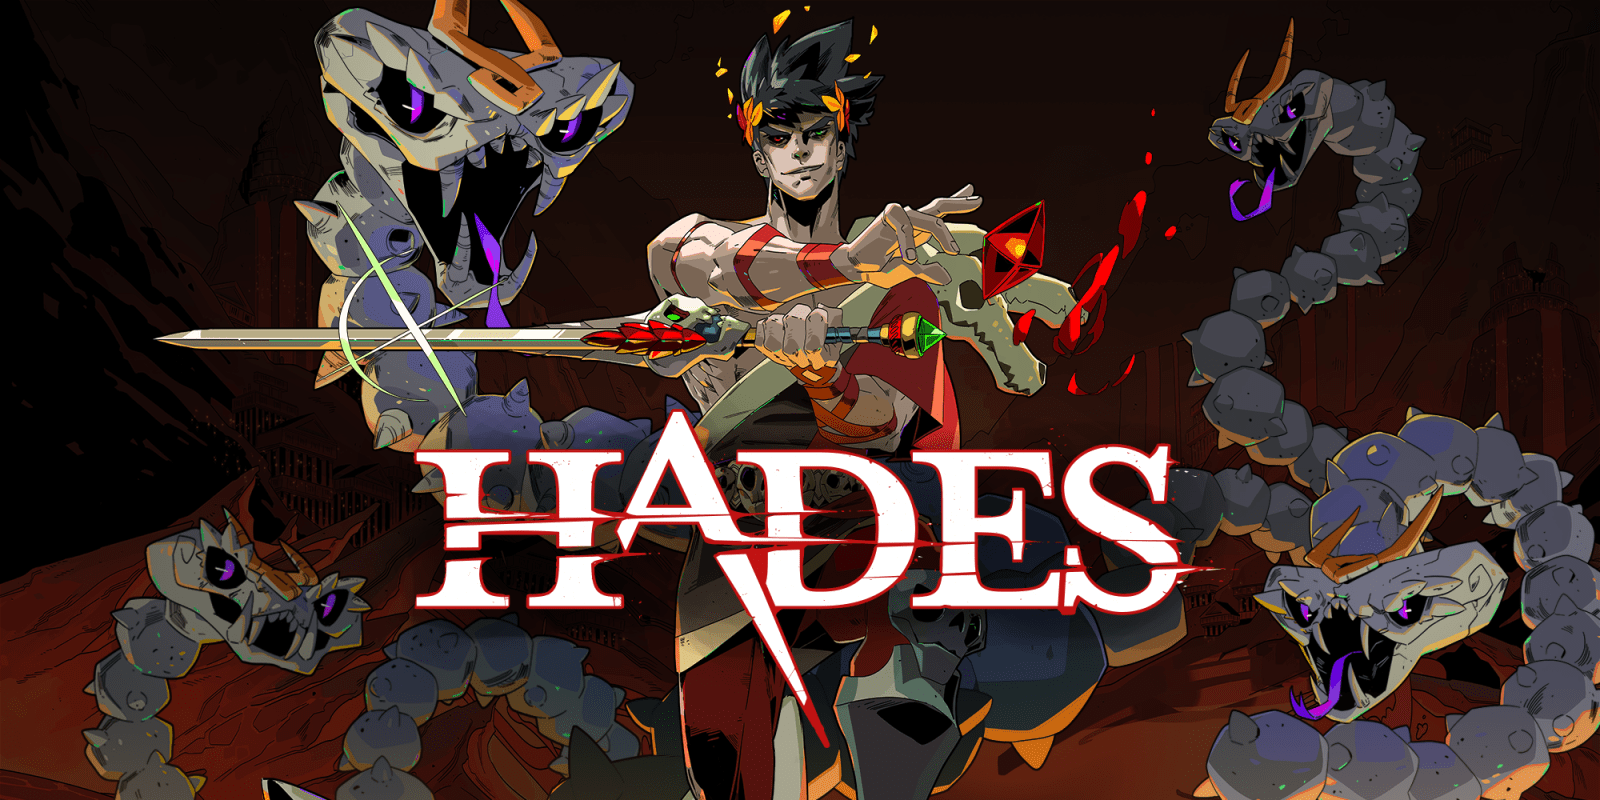 Hades обновился до версии 1.0.37119, в игру добавили поддержку cross-save с PC 3